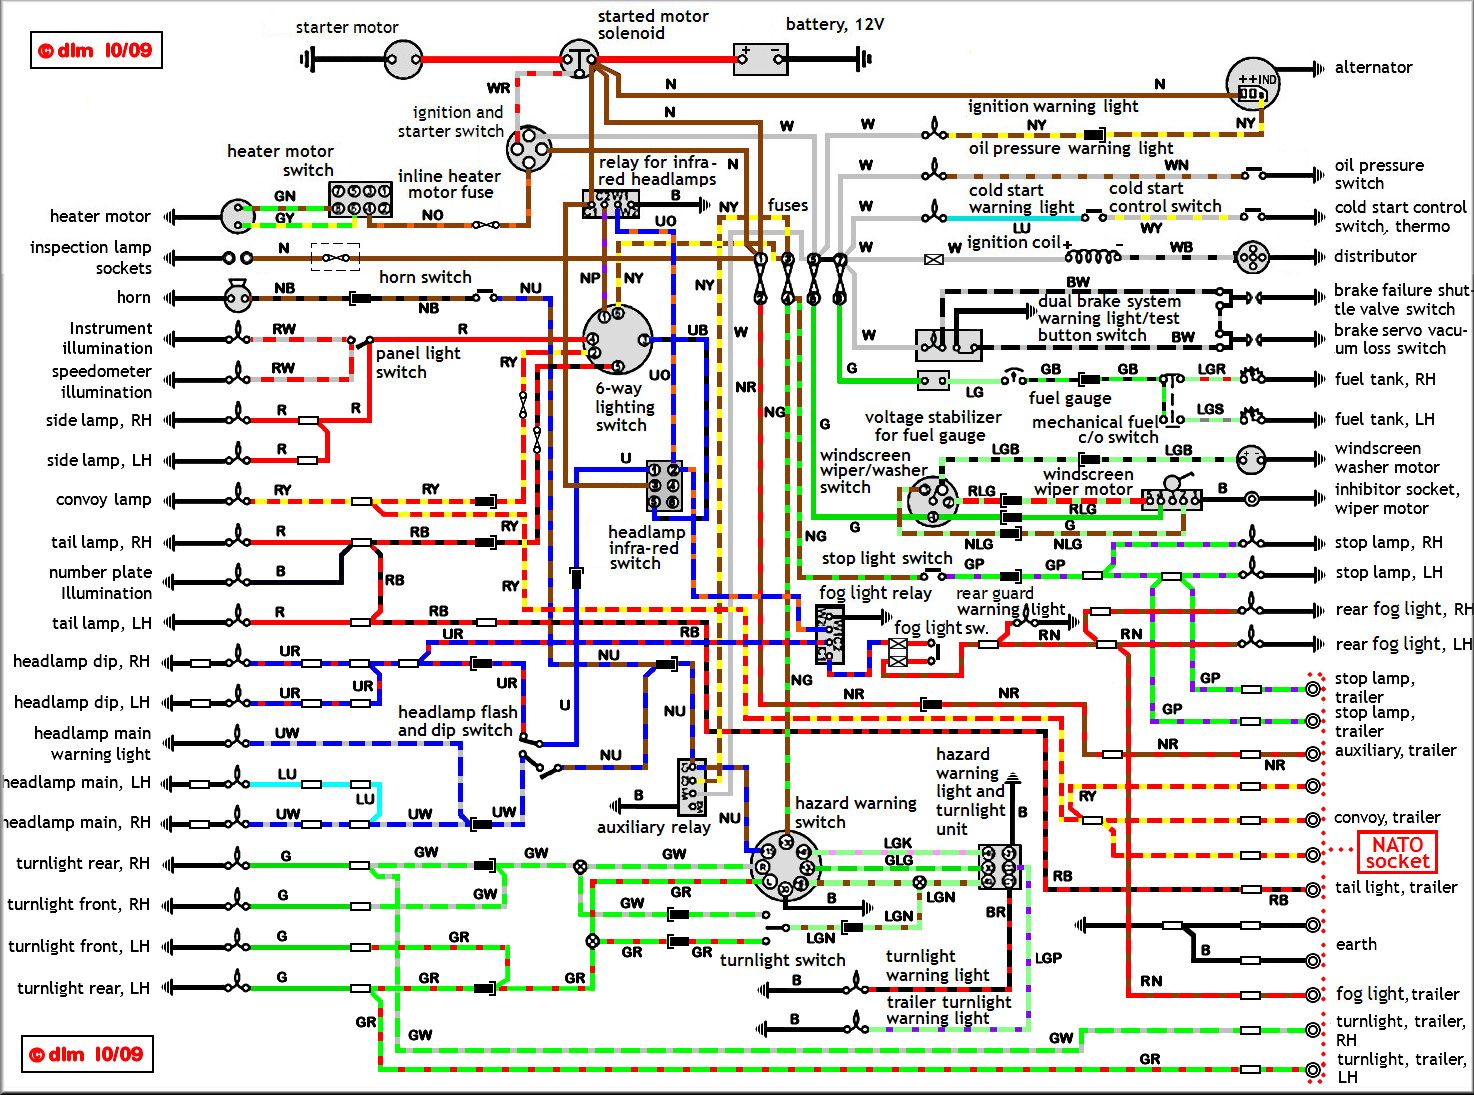 Lr 90 Wiring Diagram - Karr Remote Starter Wiring Diagram -  fisher-wire.nescafe.jeanjaures37.frWiring Diagram Resource